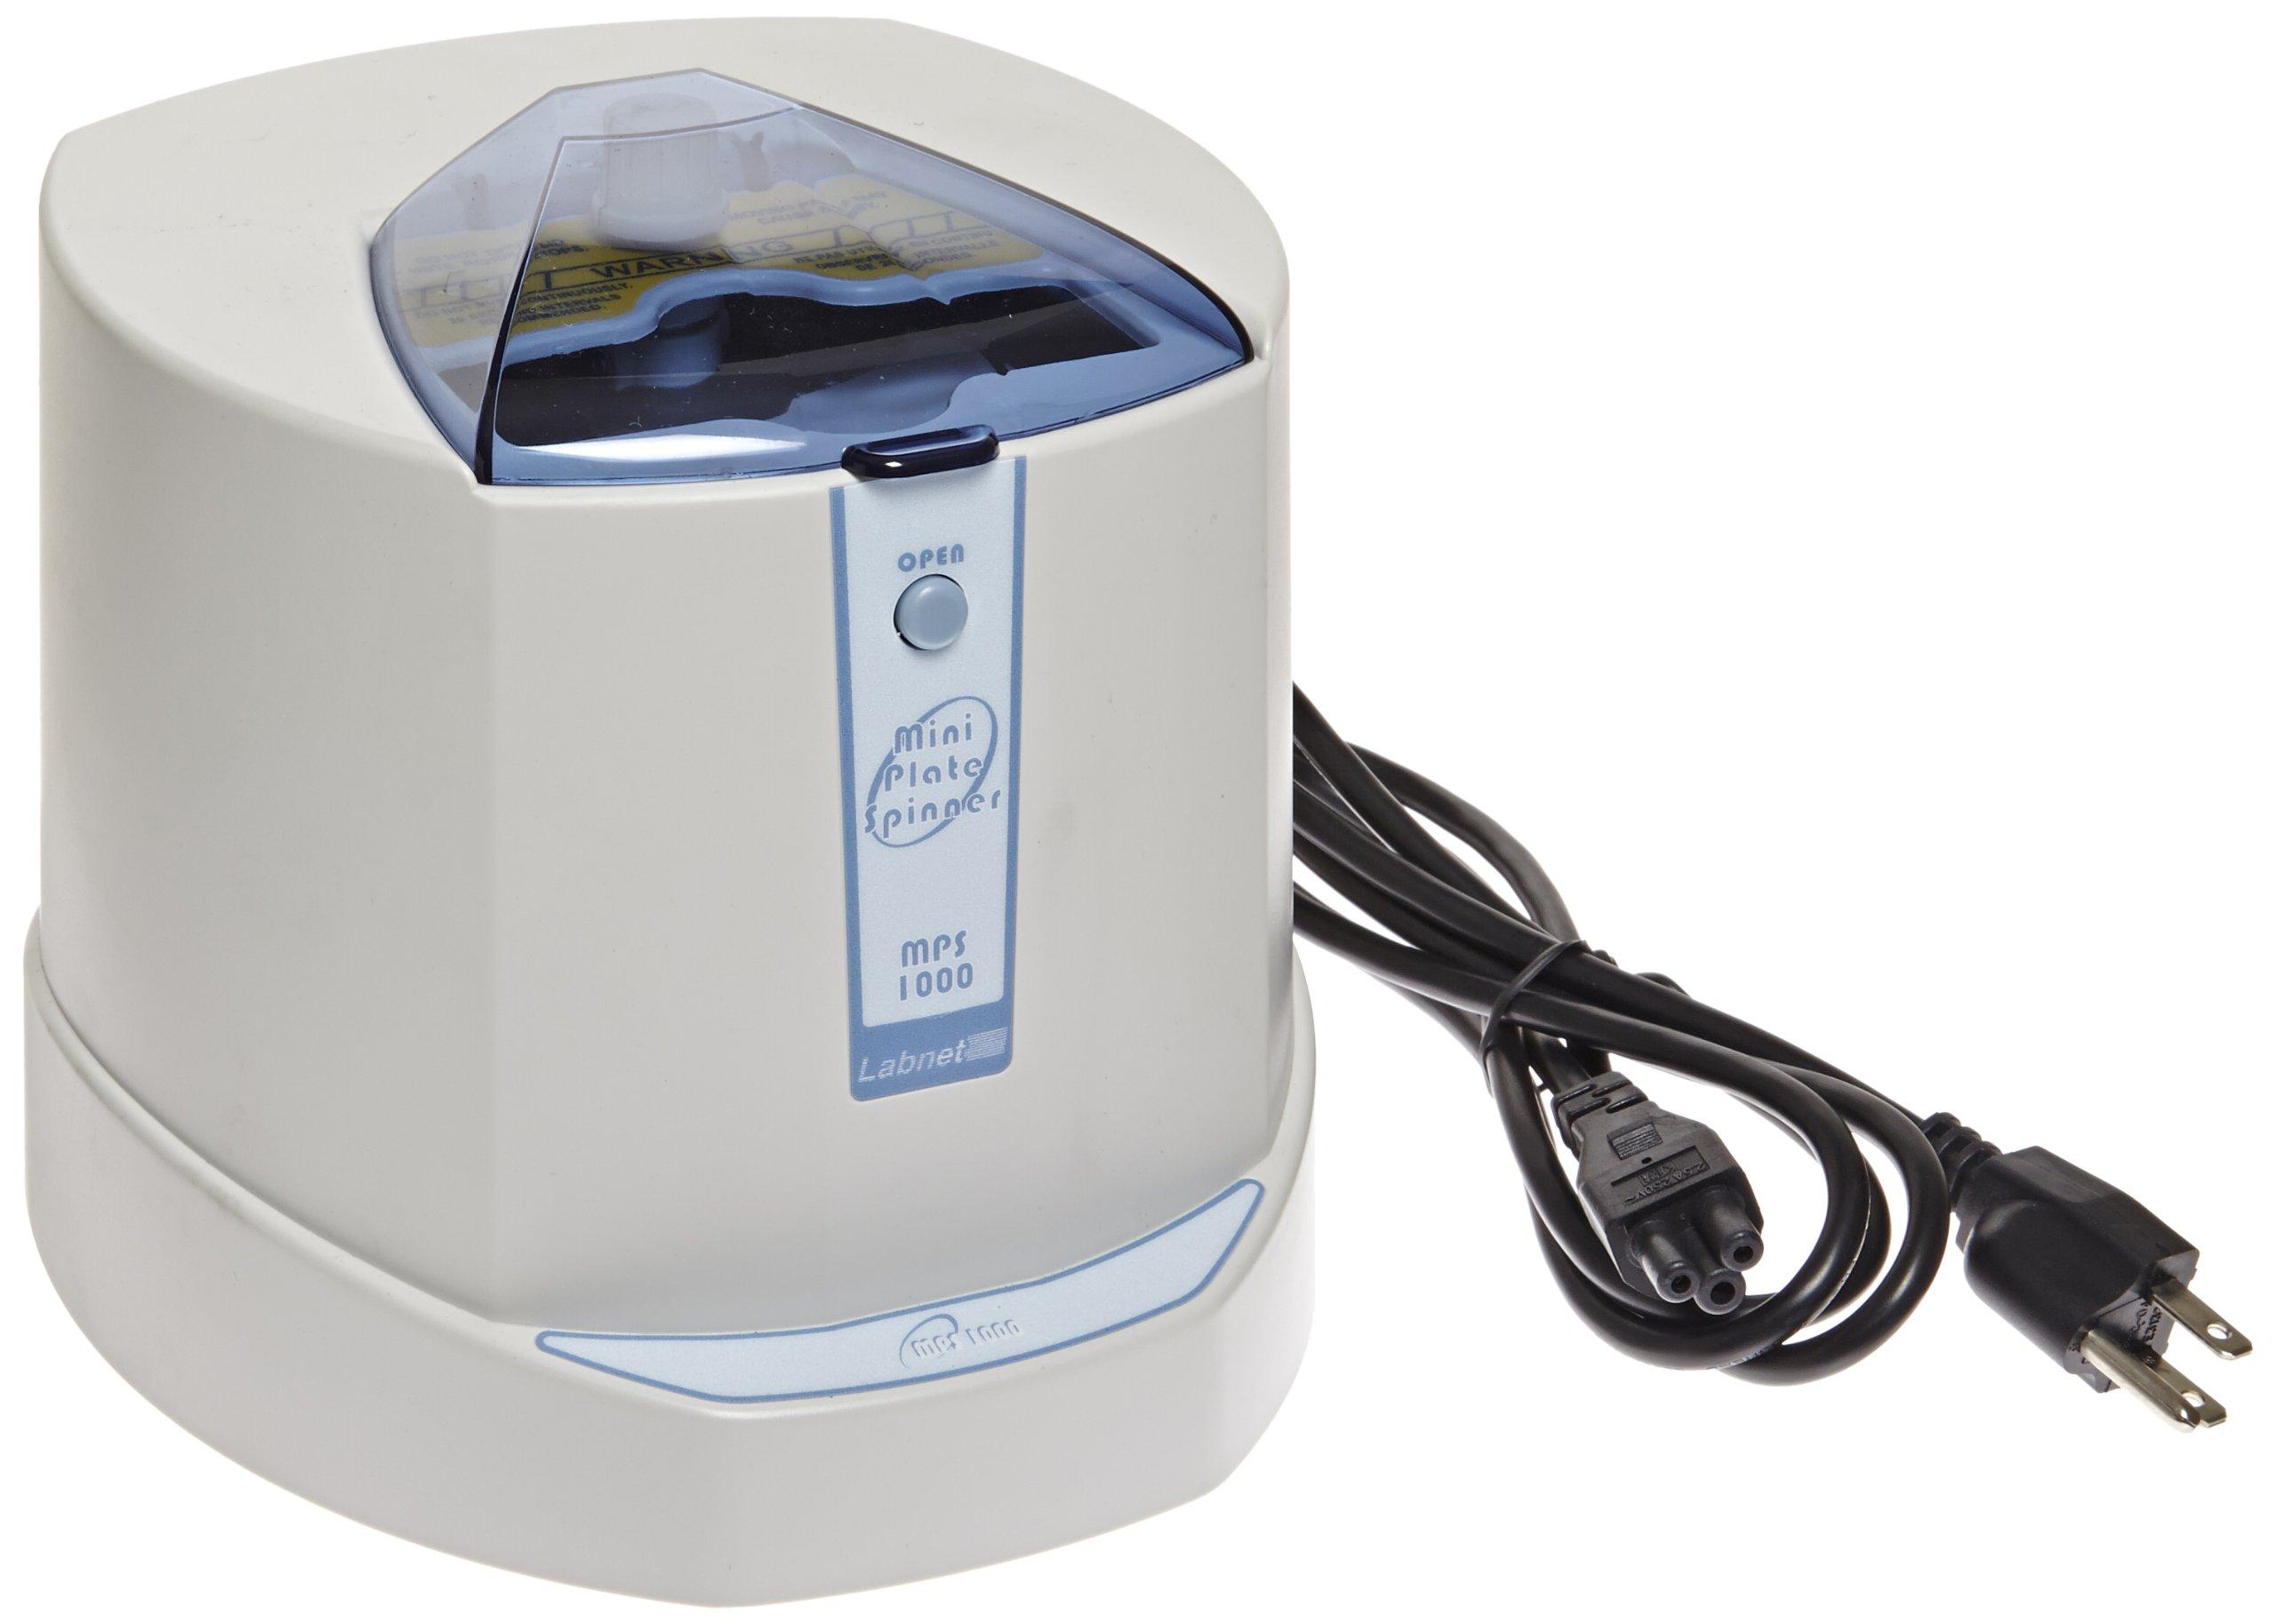 Labnet C1000 MPS 1000 Mini Plate Spinner Centrifuge, 120V